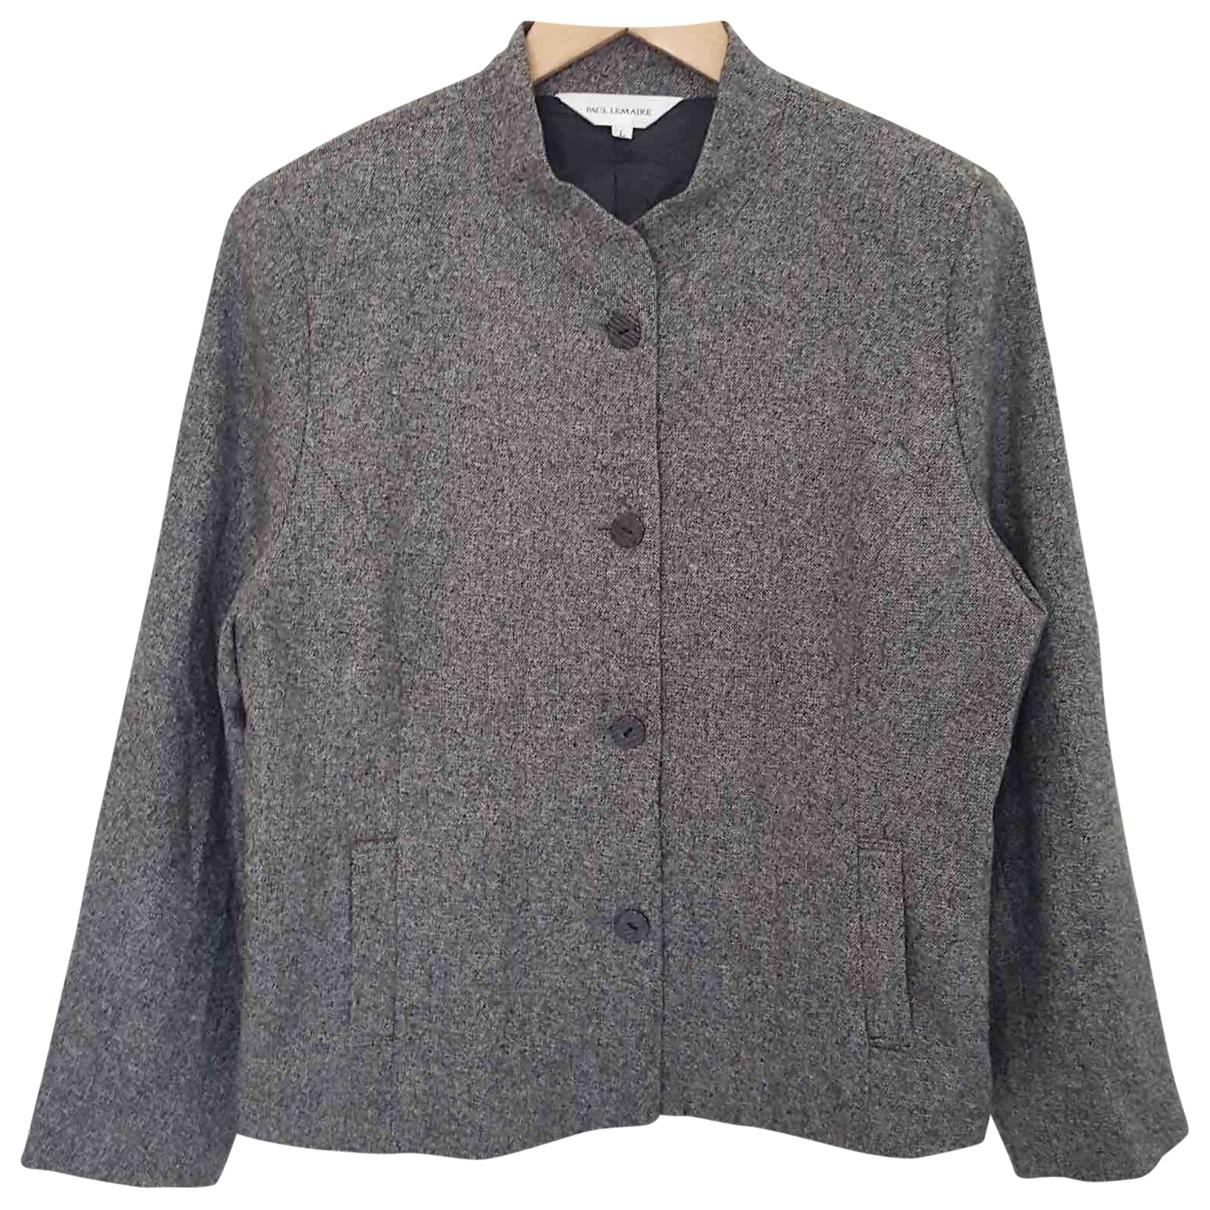 Lemaire \N Jacke in  Grau Wolle